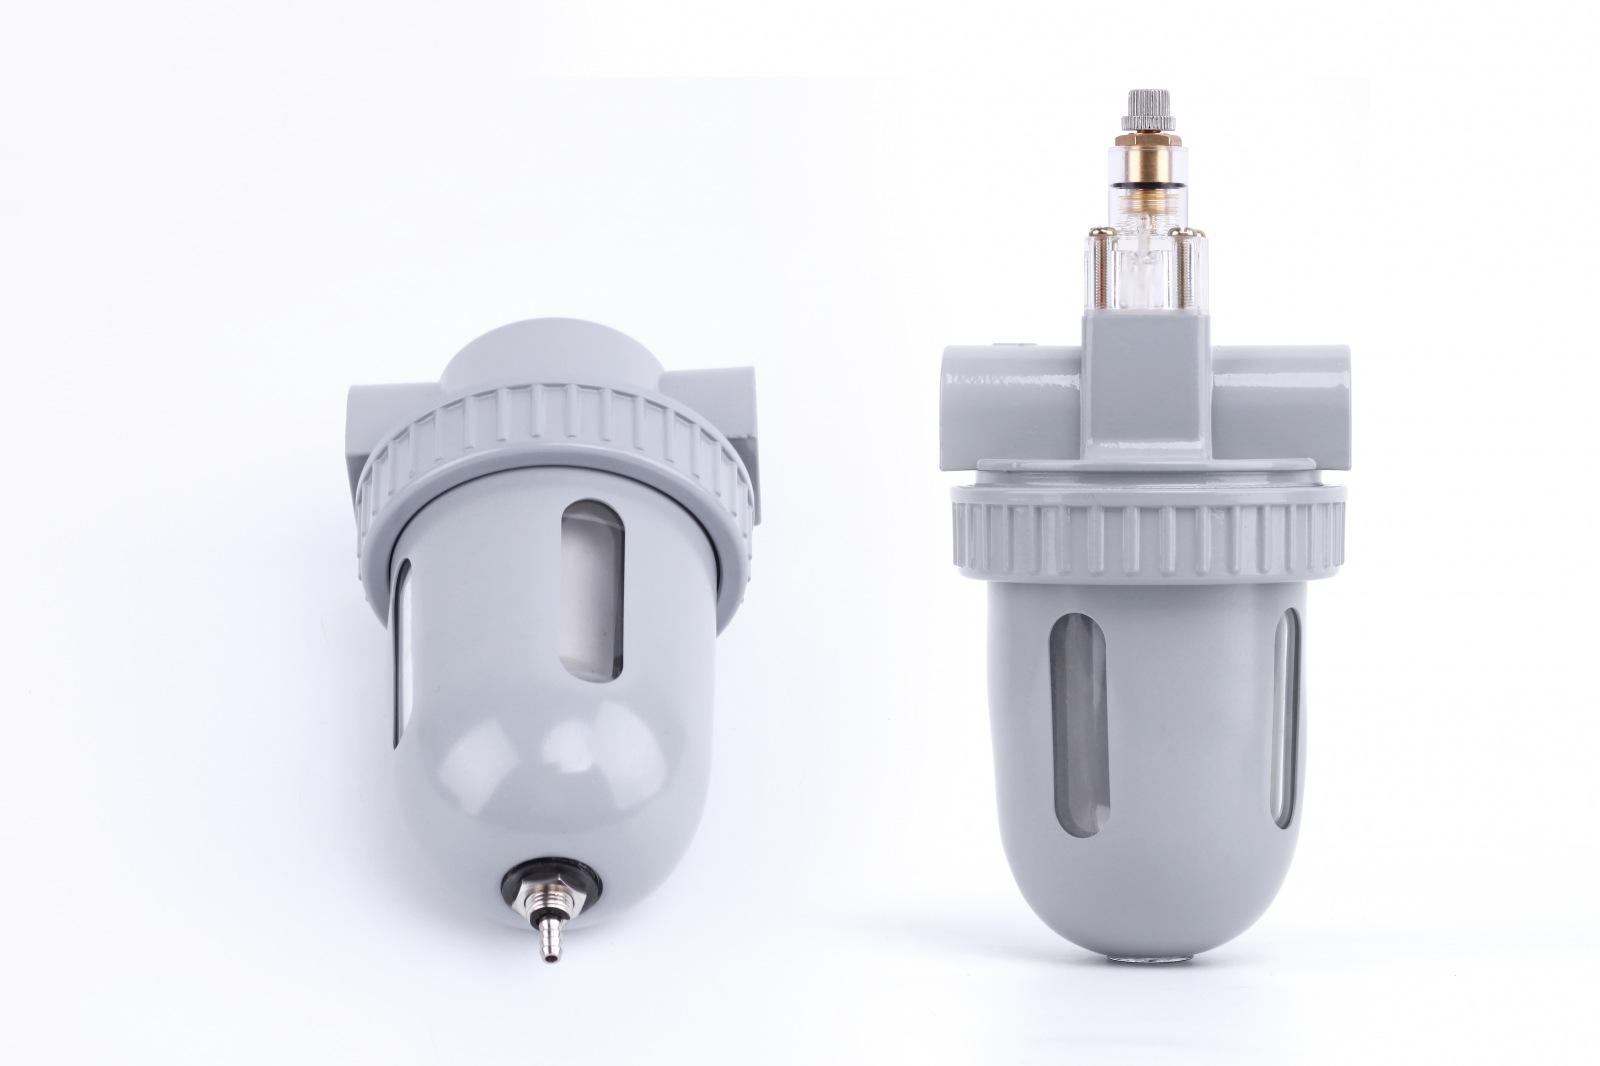 产品升级 | 关于QSL空气过滤器和QIU油雾器的安全改进